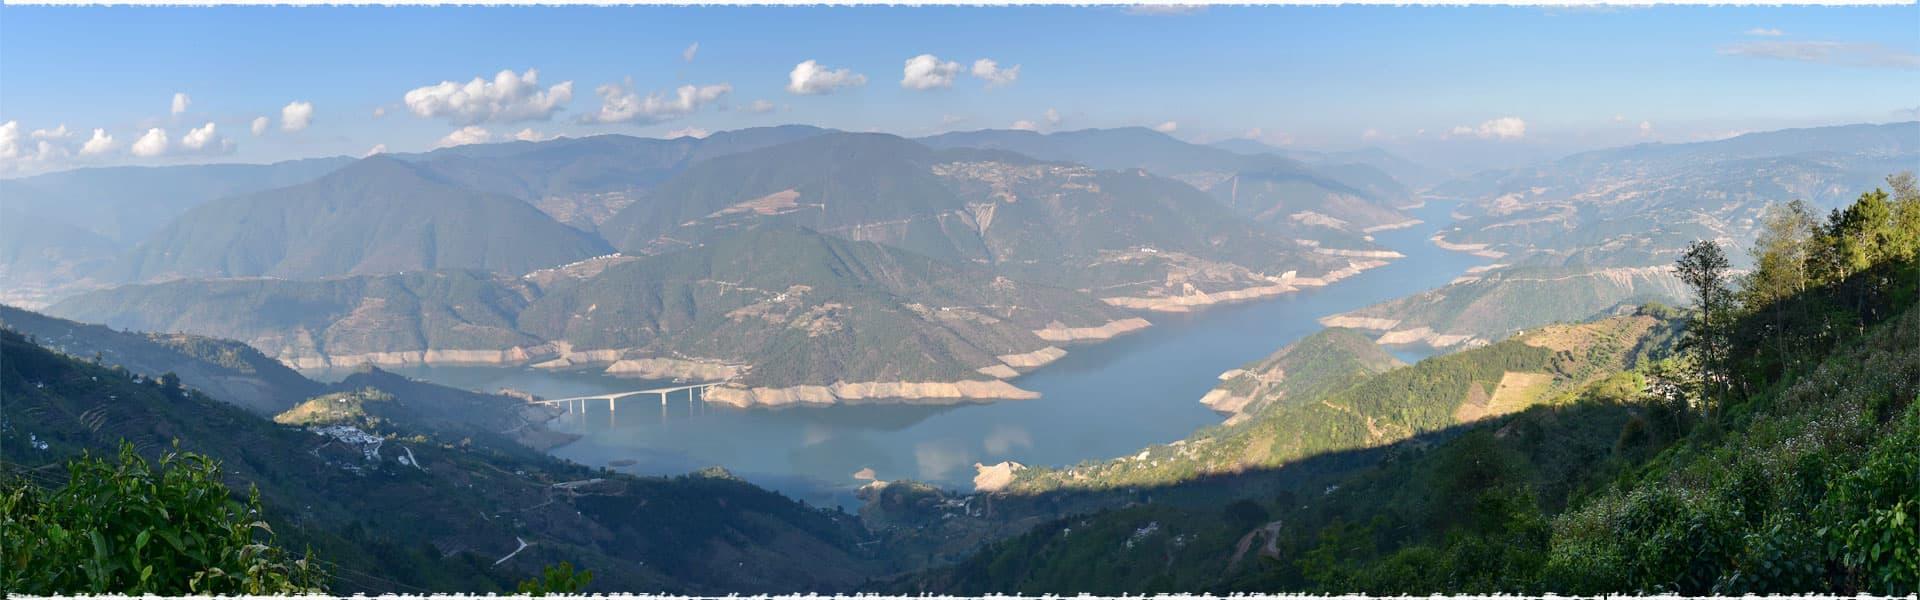 lang Cang River